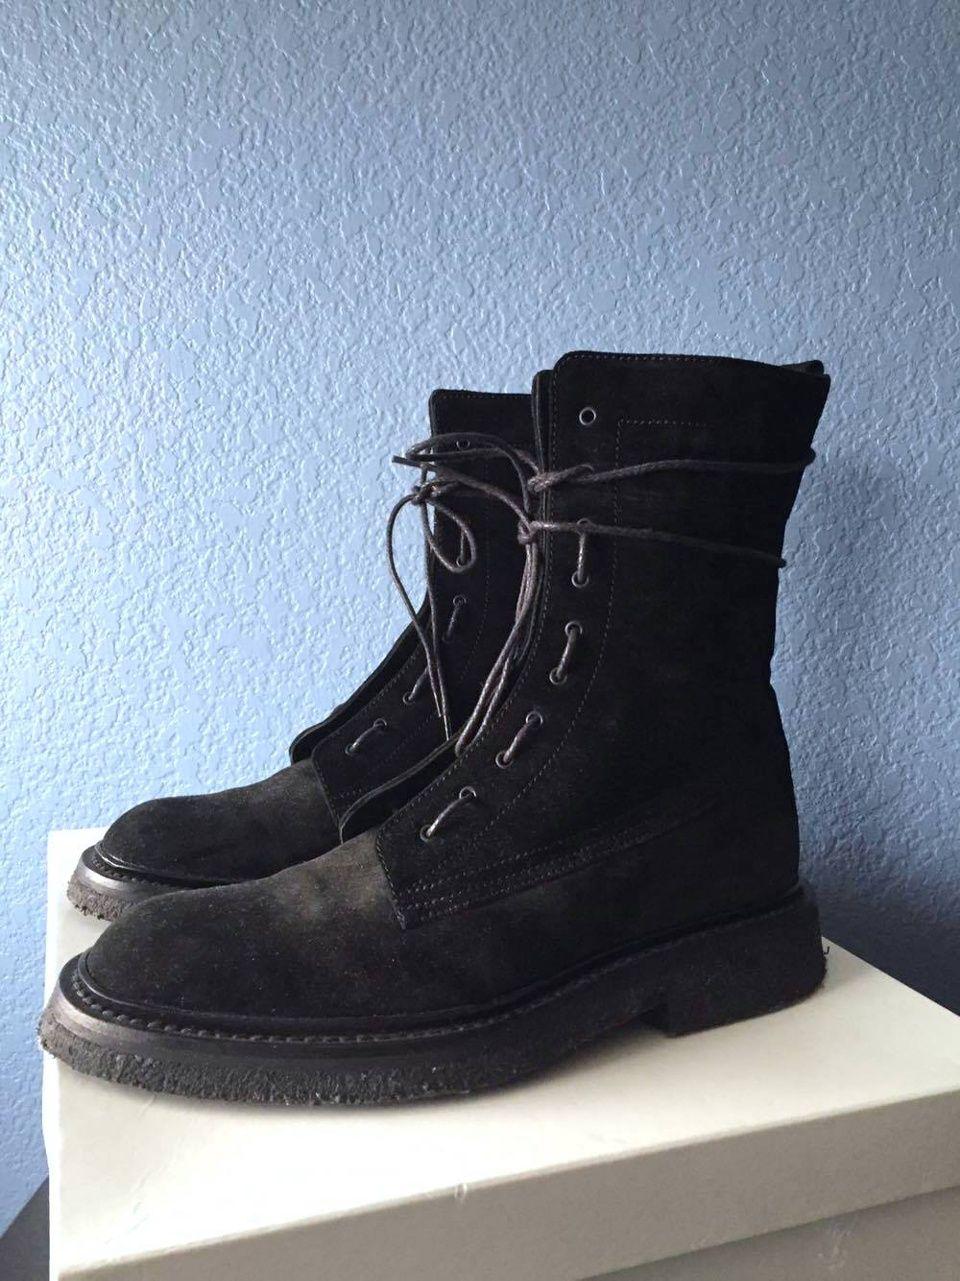 e6425189f1870a Dior Rare Aw07 Combat Boots New Size 8  1049 - Grailed